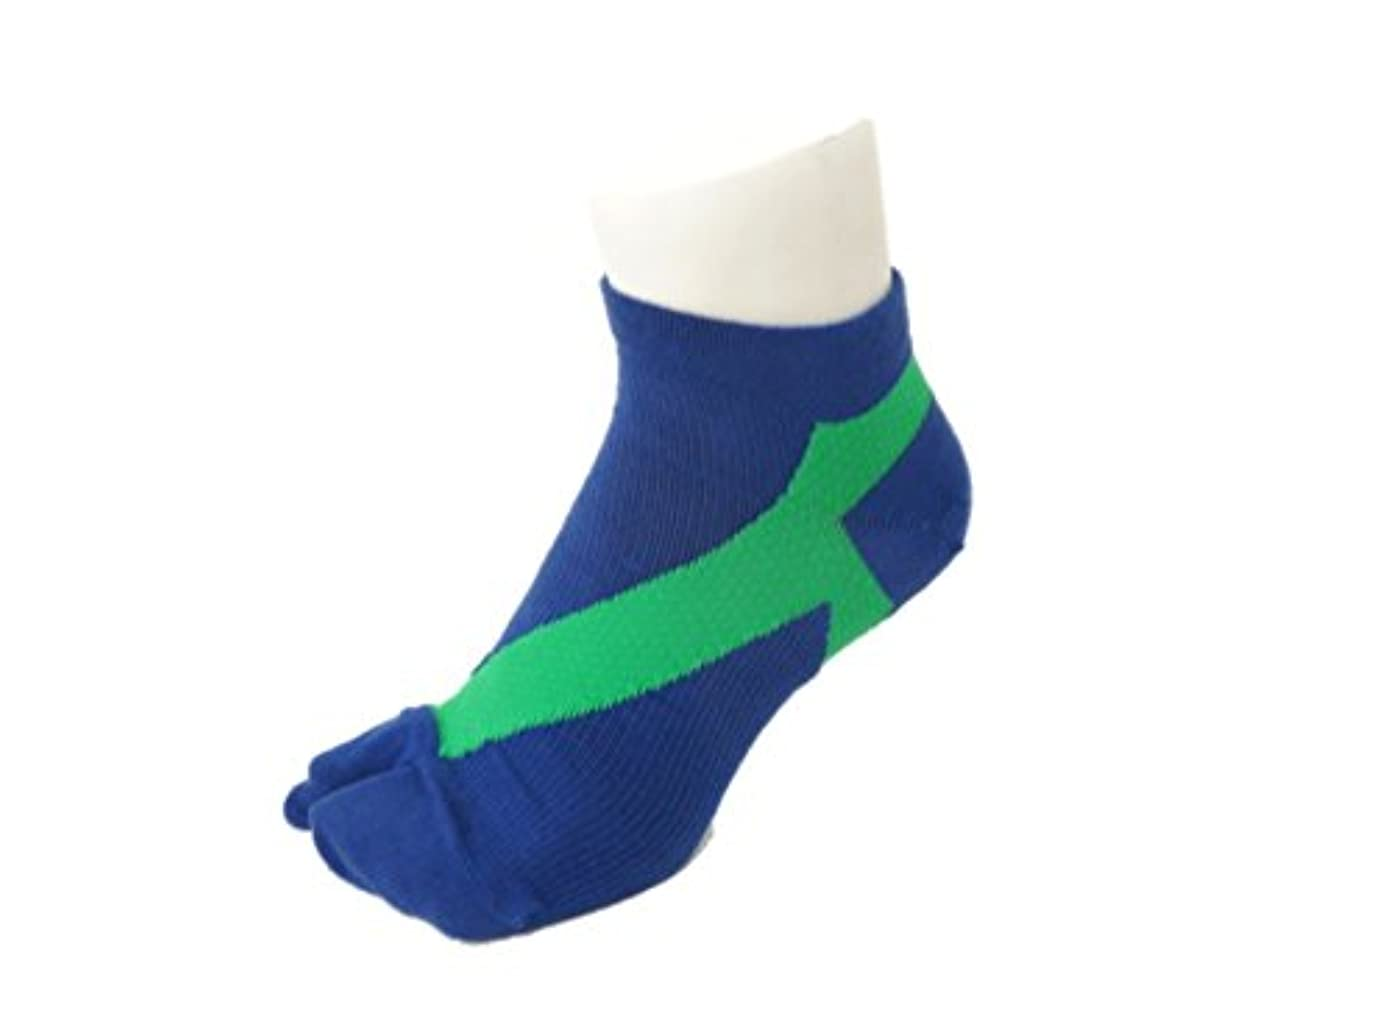 追うスマート優れたさとう式 フレクサーソックス アンクル 紺緑 (S) 足袋型